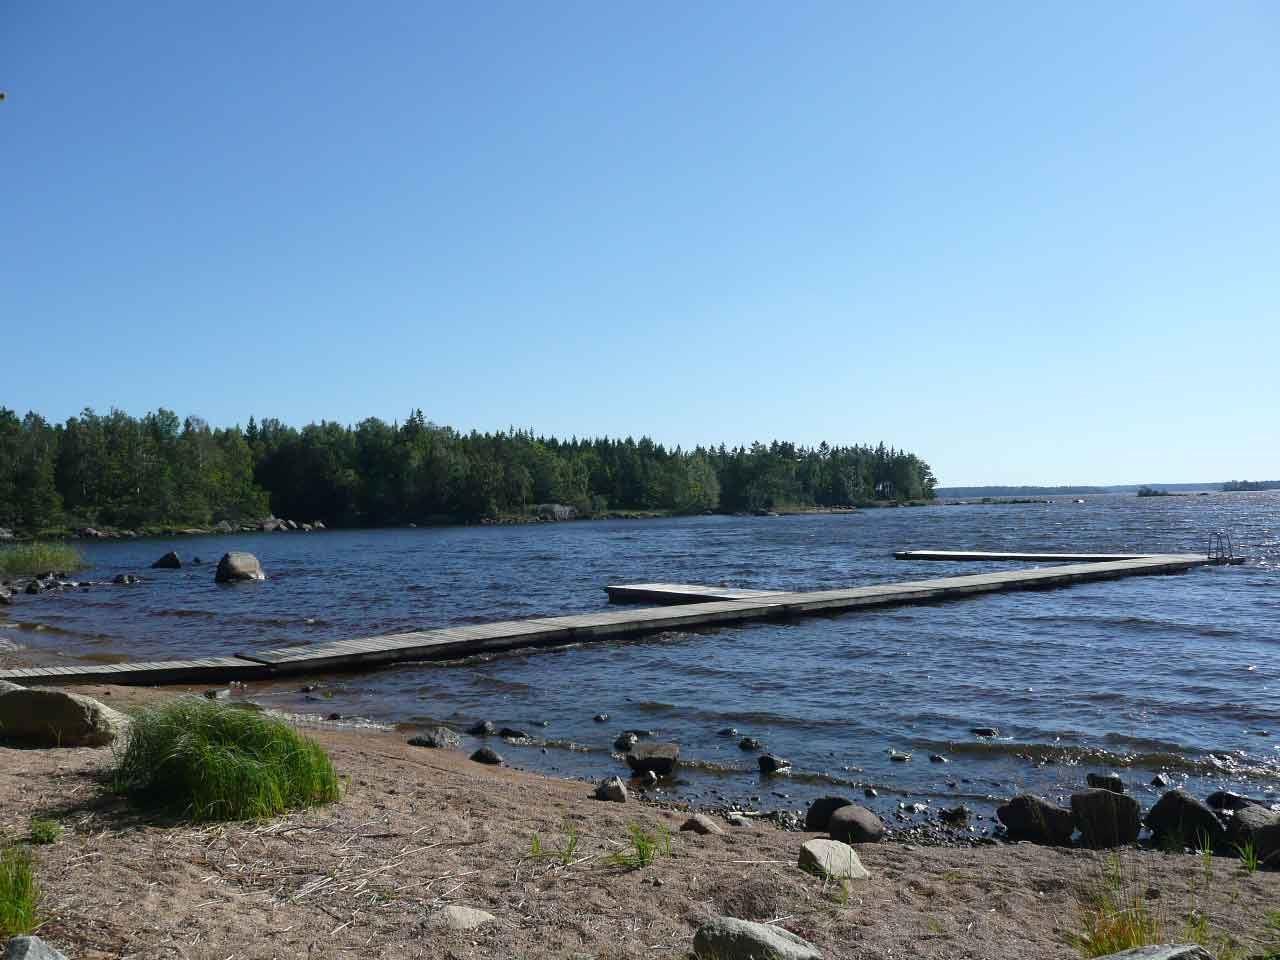 Badplats Ursjöbadet - Väckelsång/Åsnen